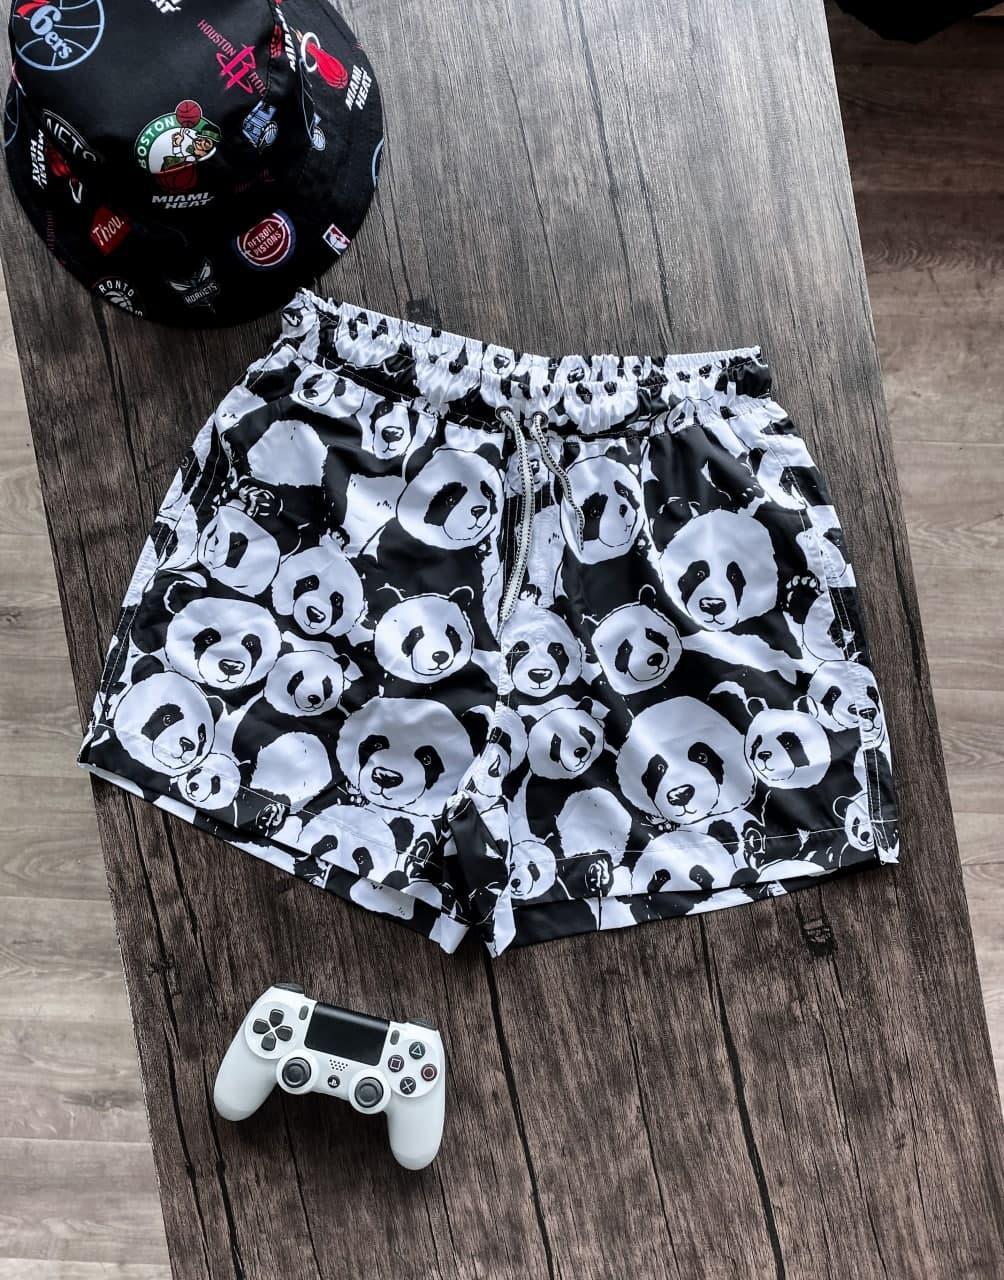 Мужские плавательные шорты с пандой (черно-белые) для пляжа на лето Spl2